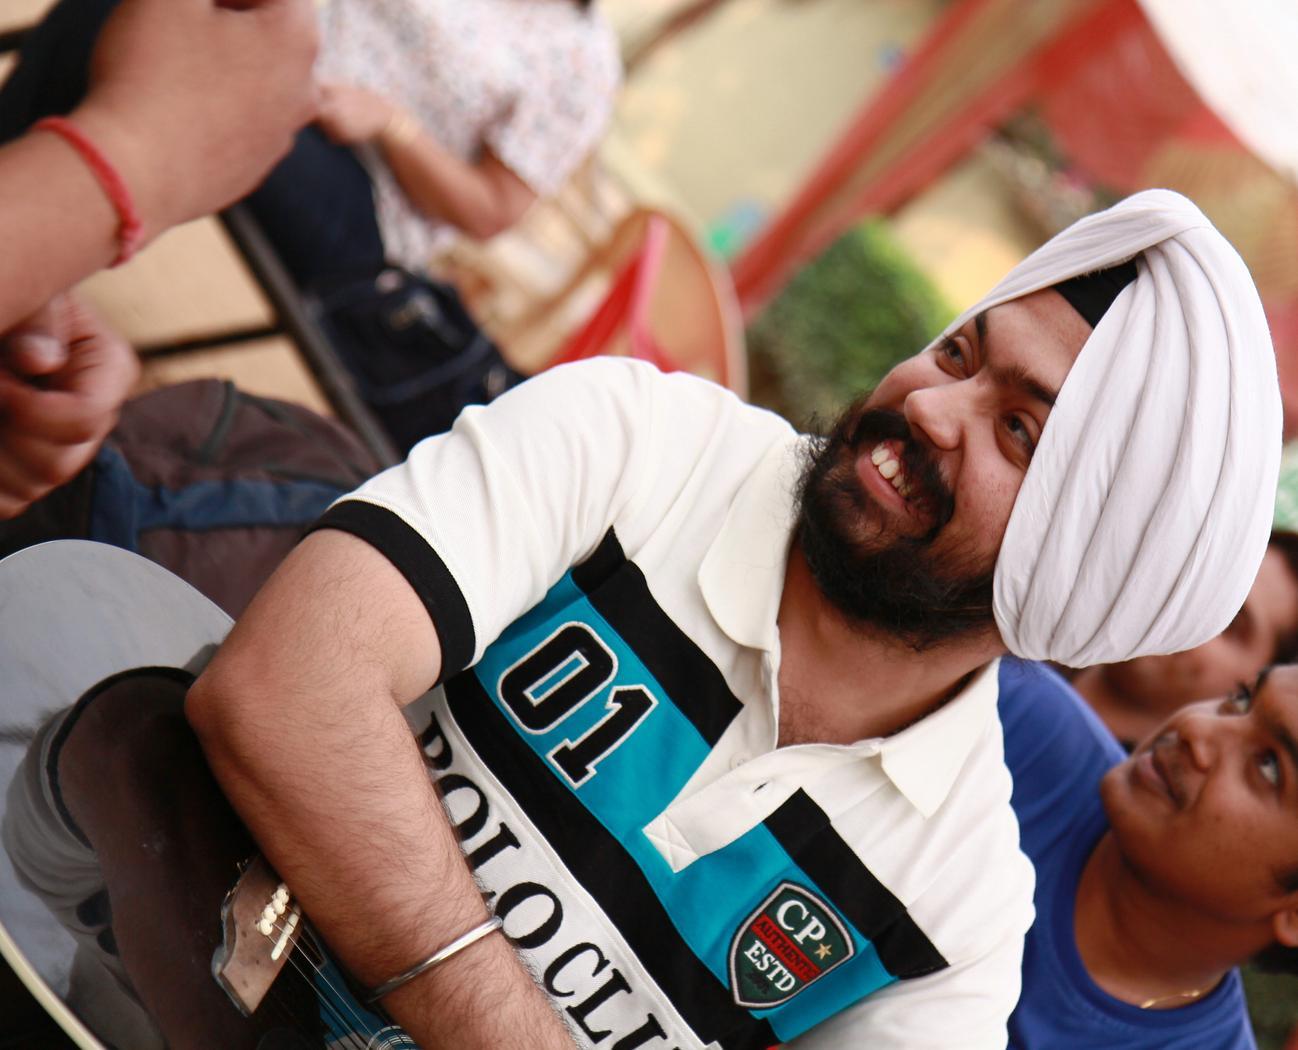 Manit Singh Kalsi